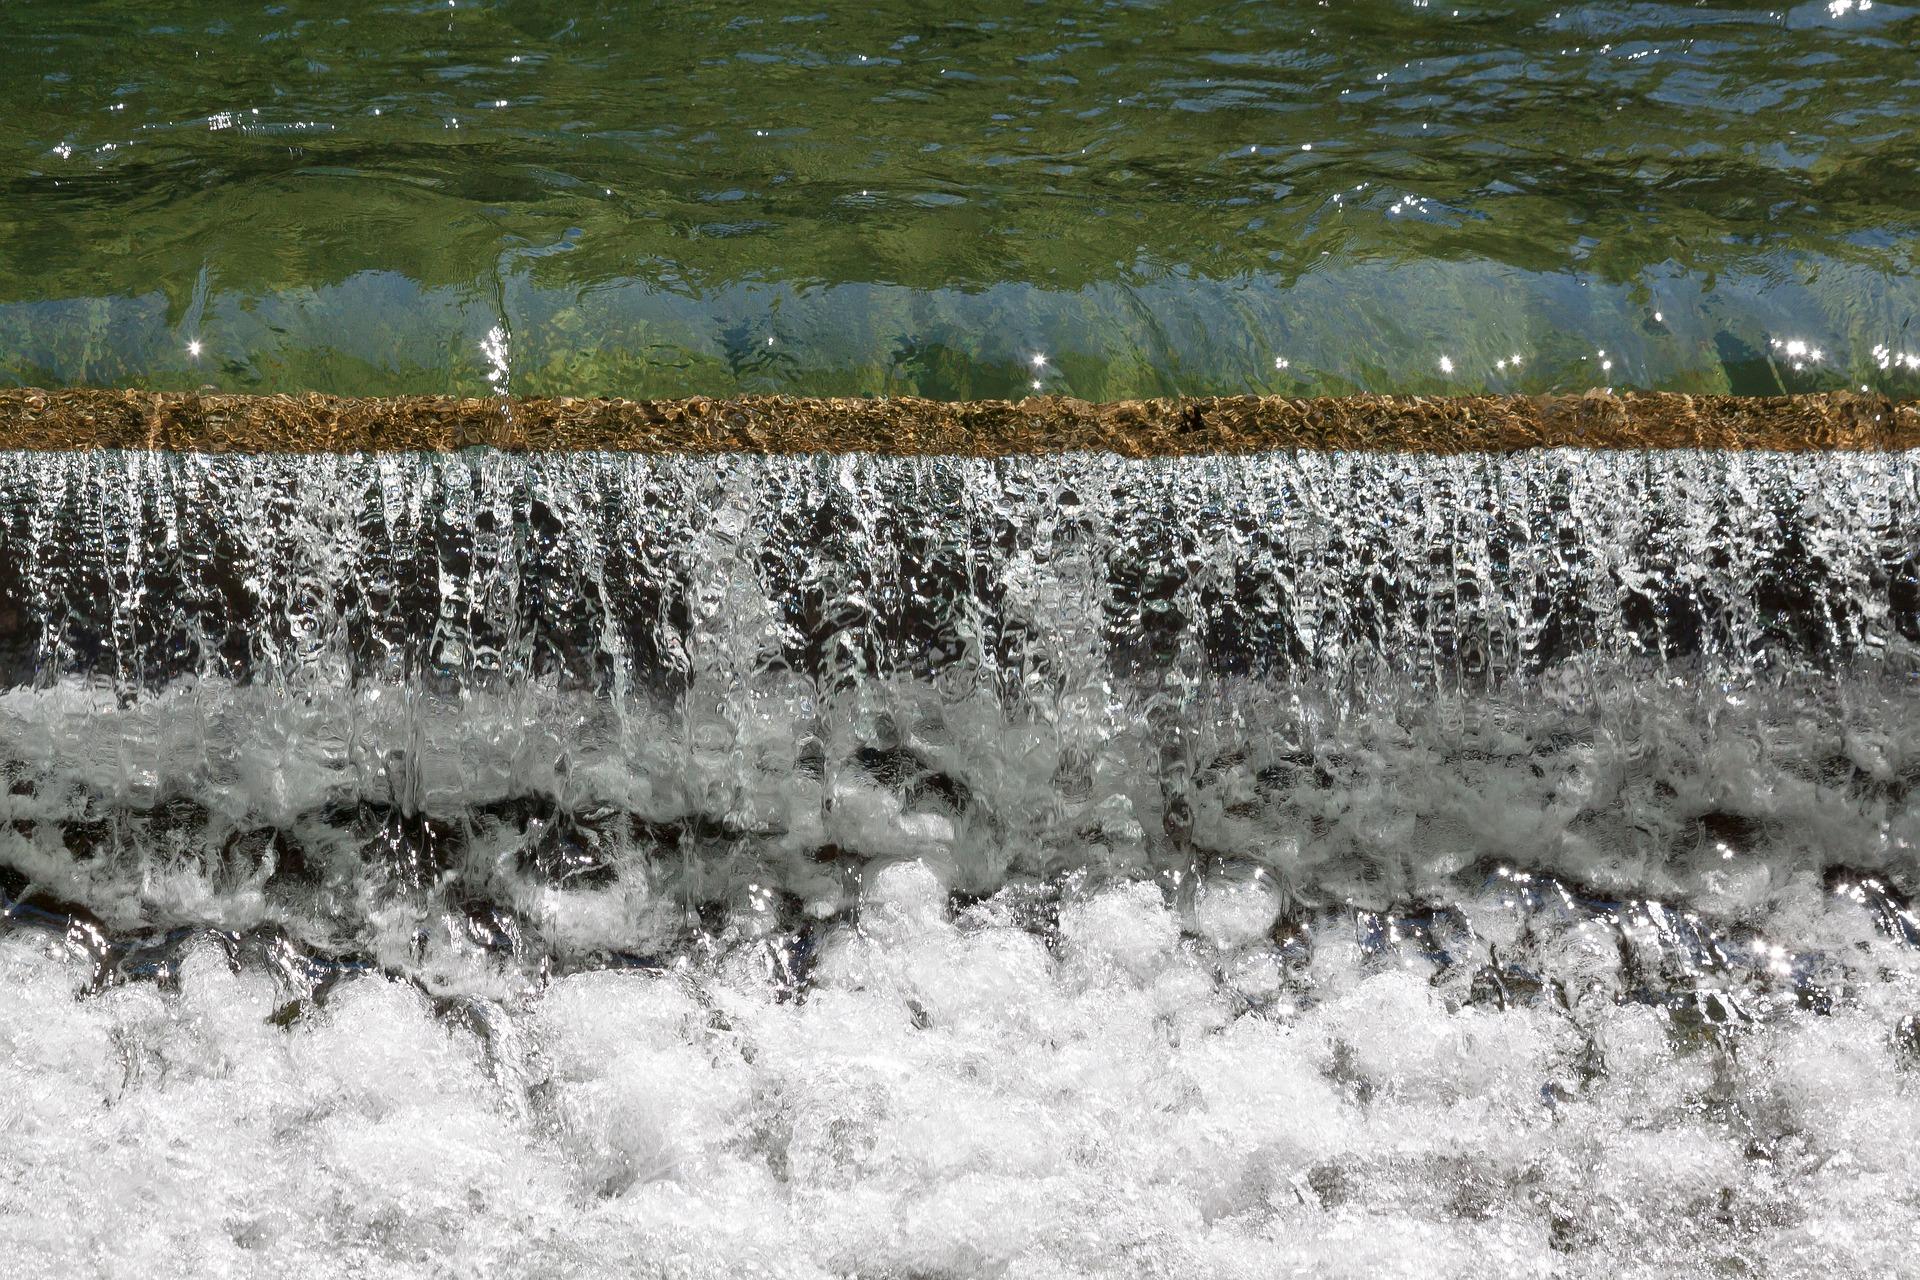 News: Istanza di Autorizzazione Unica per la costruzione e l'esercizio di un impianto idroelettrico sul torrente Sturla